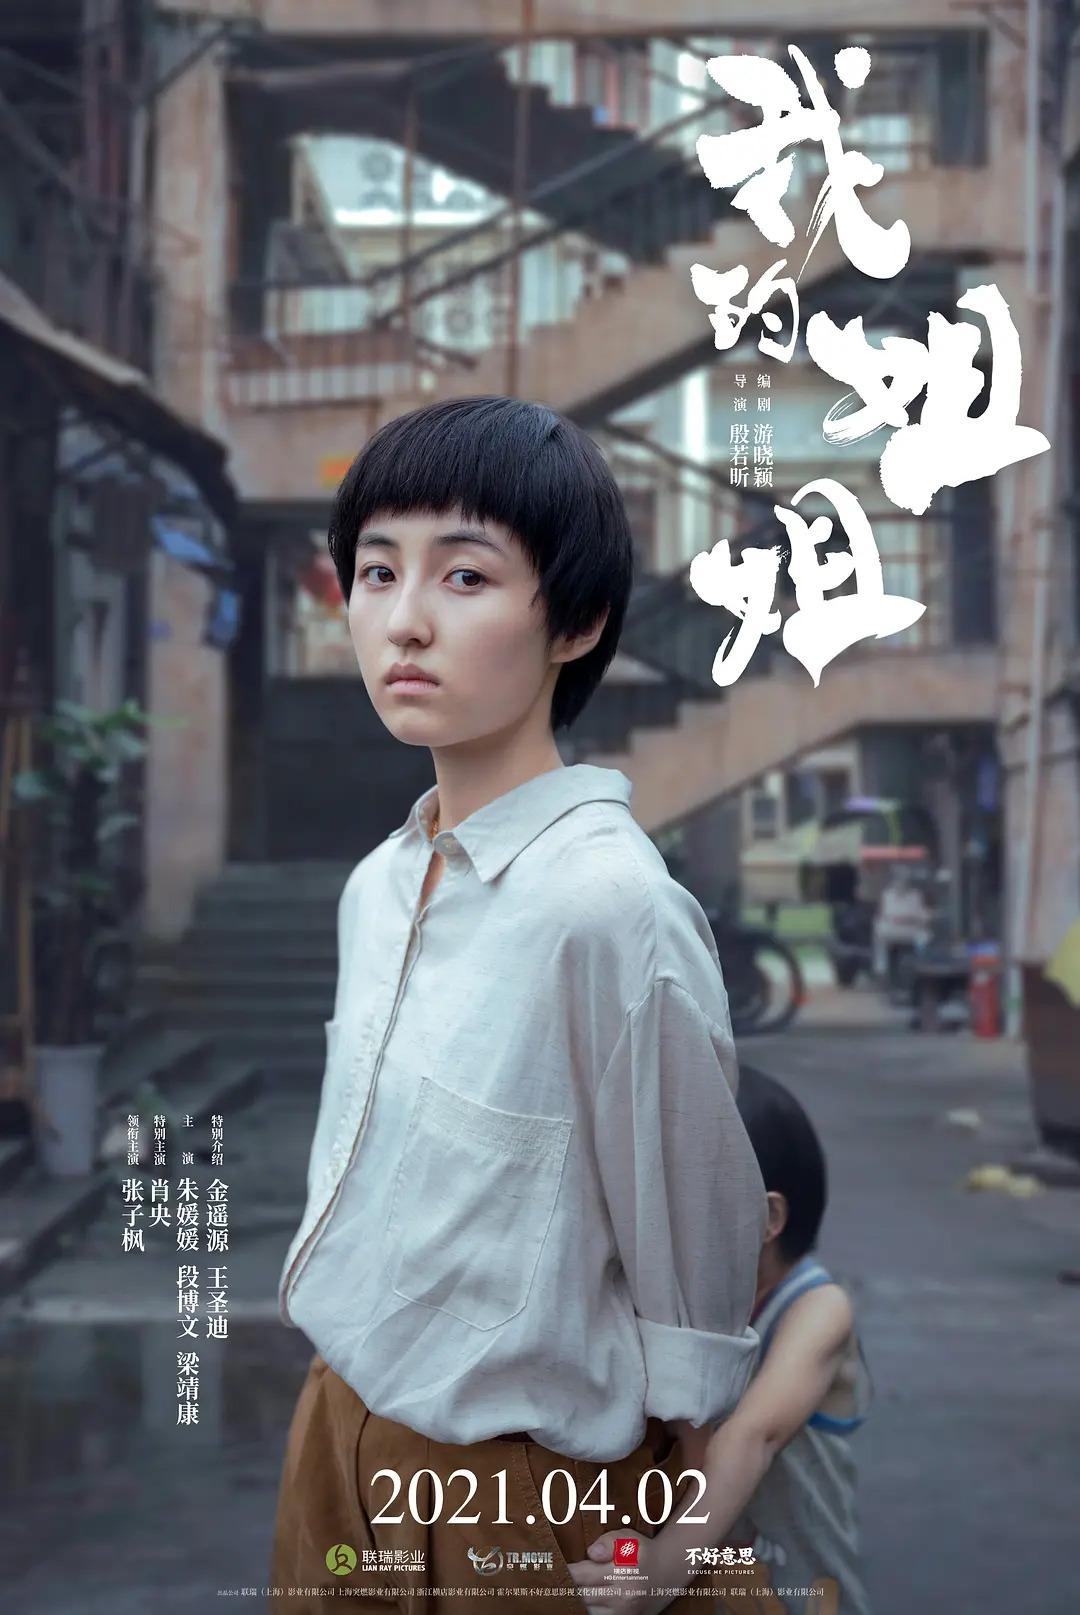 【电影预告】我的姐姐 2021-04-02 中国大陆上映